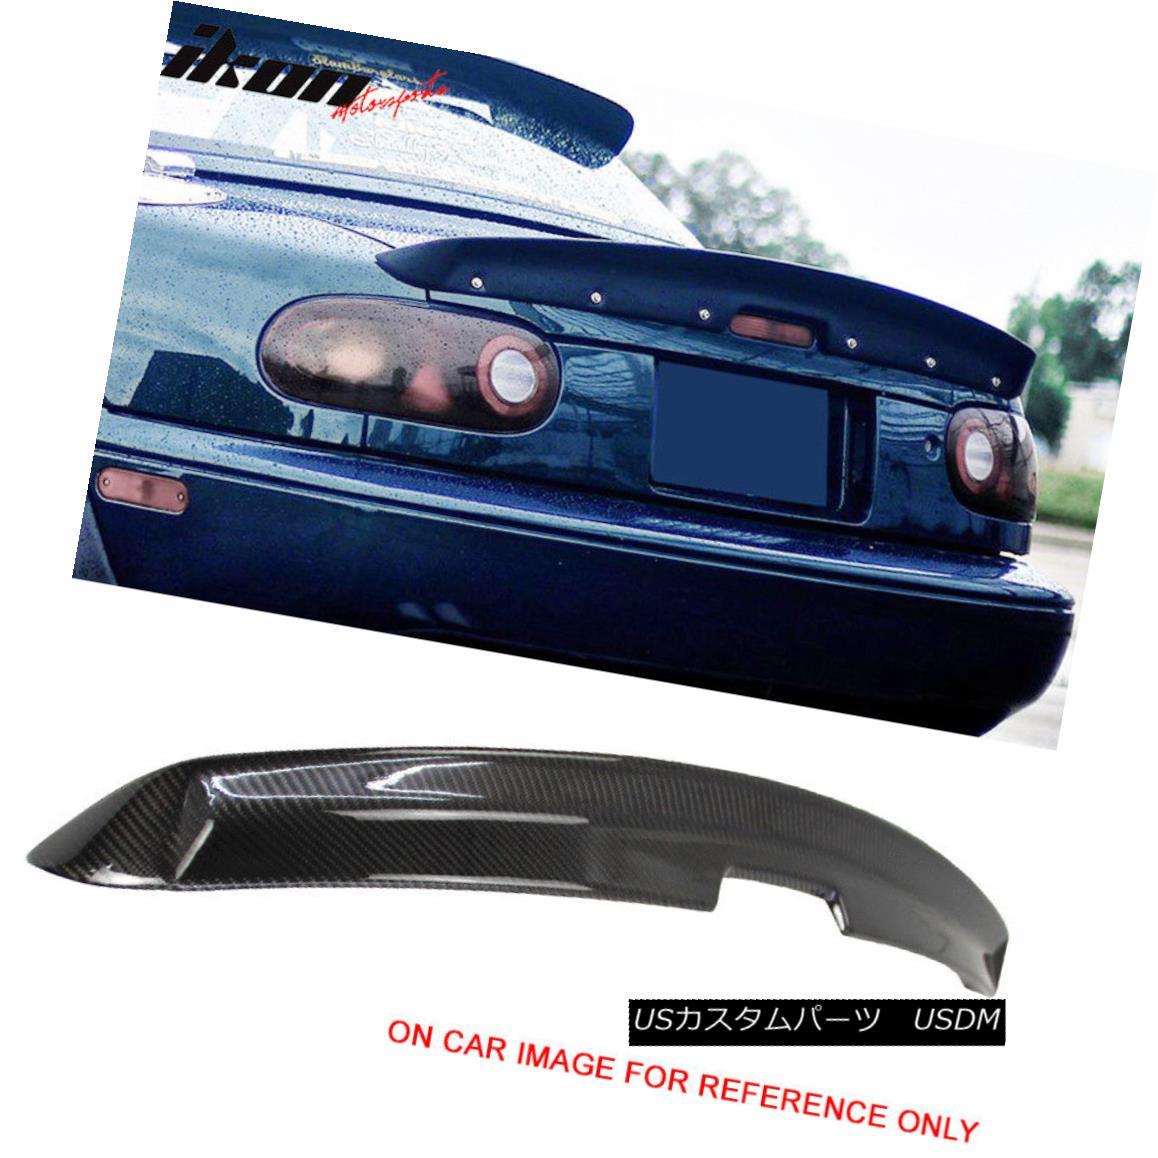 エアロパーツ 90-97 Mazda Miata MX5 MK1 KG Works Style Trunk Spoiler Wing - Carbon Fiber CF 90-97マツダMiata MX5 MK1 KG作品スタイルのトランク・スポイラー・ウィング - 炭素繊維CF